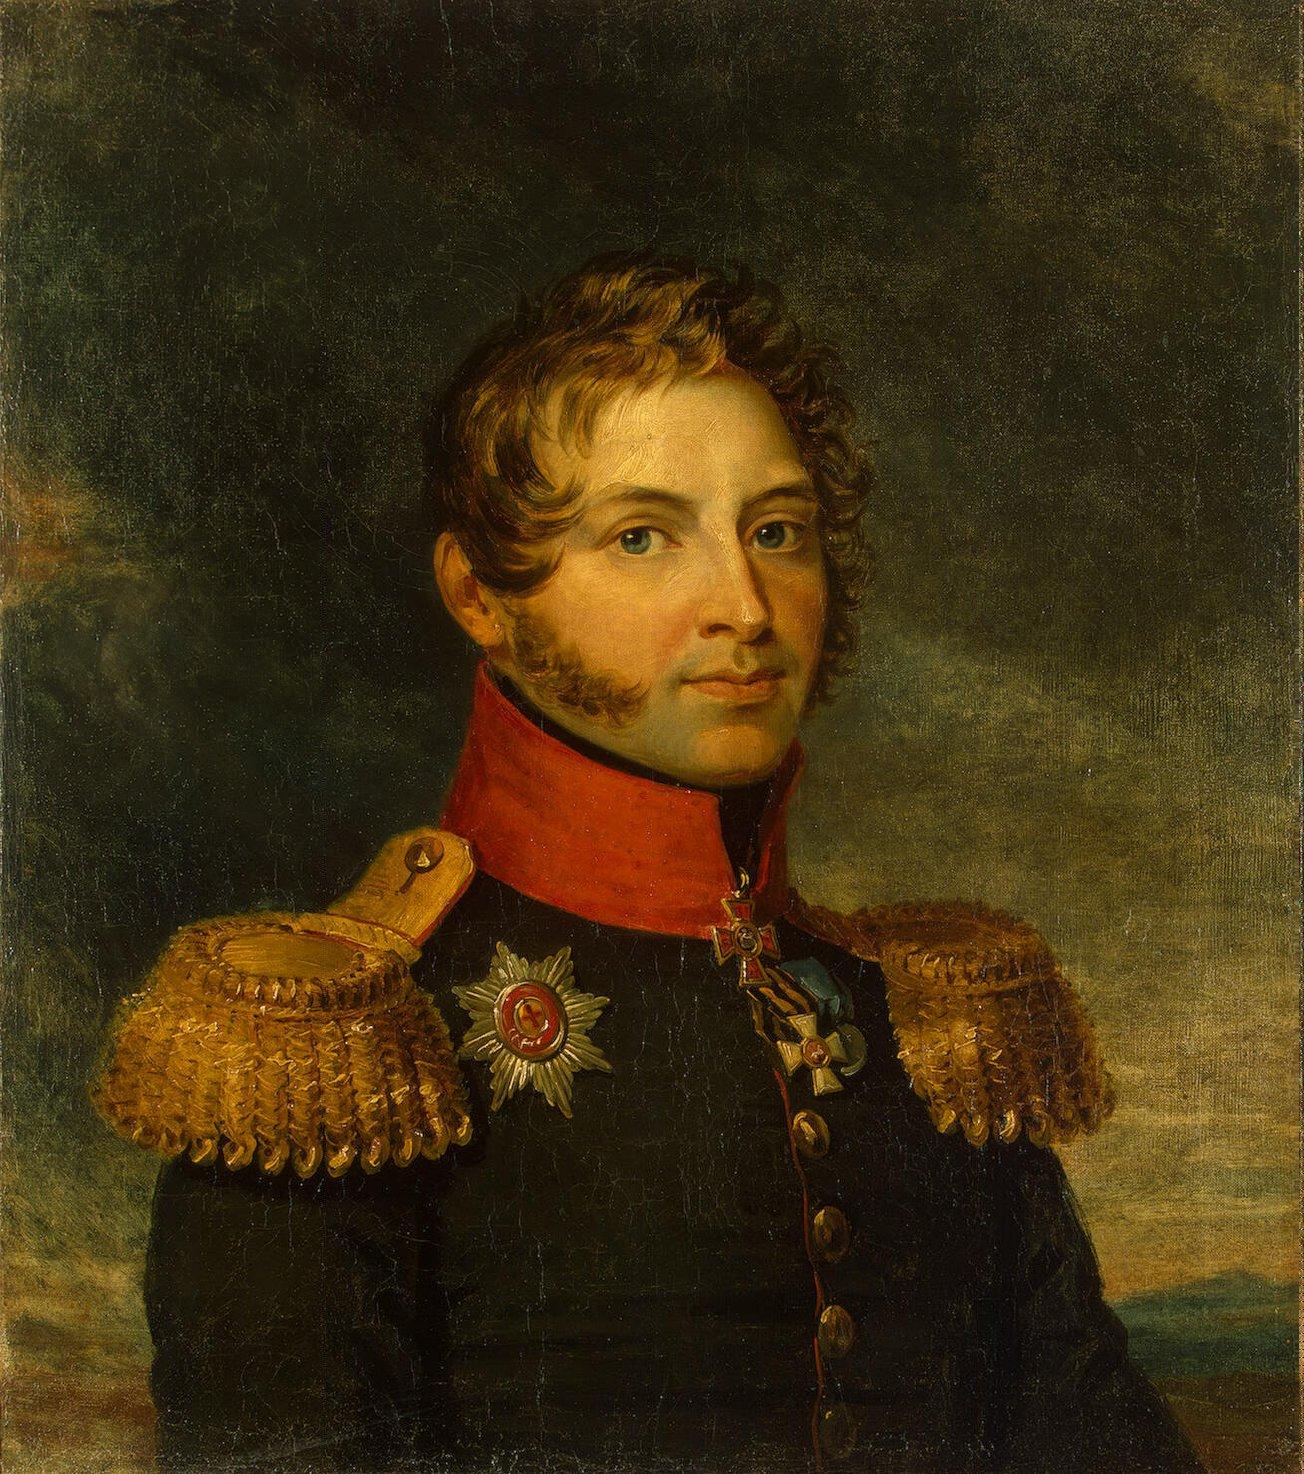 Кутузов, Александр Петрович